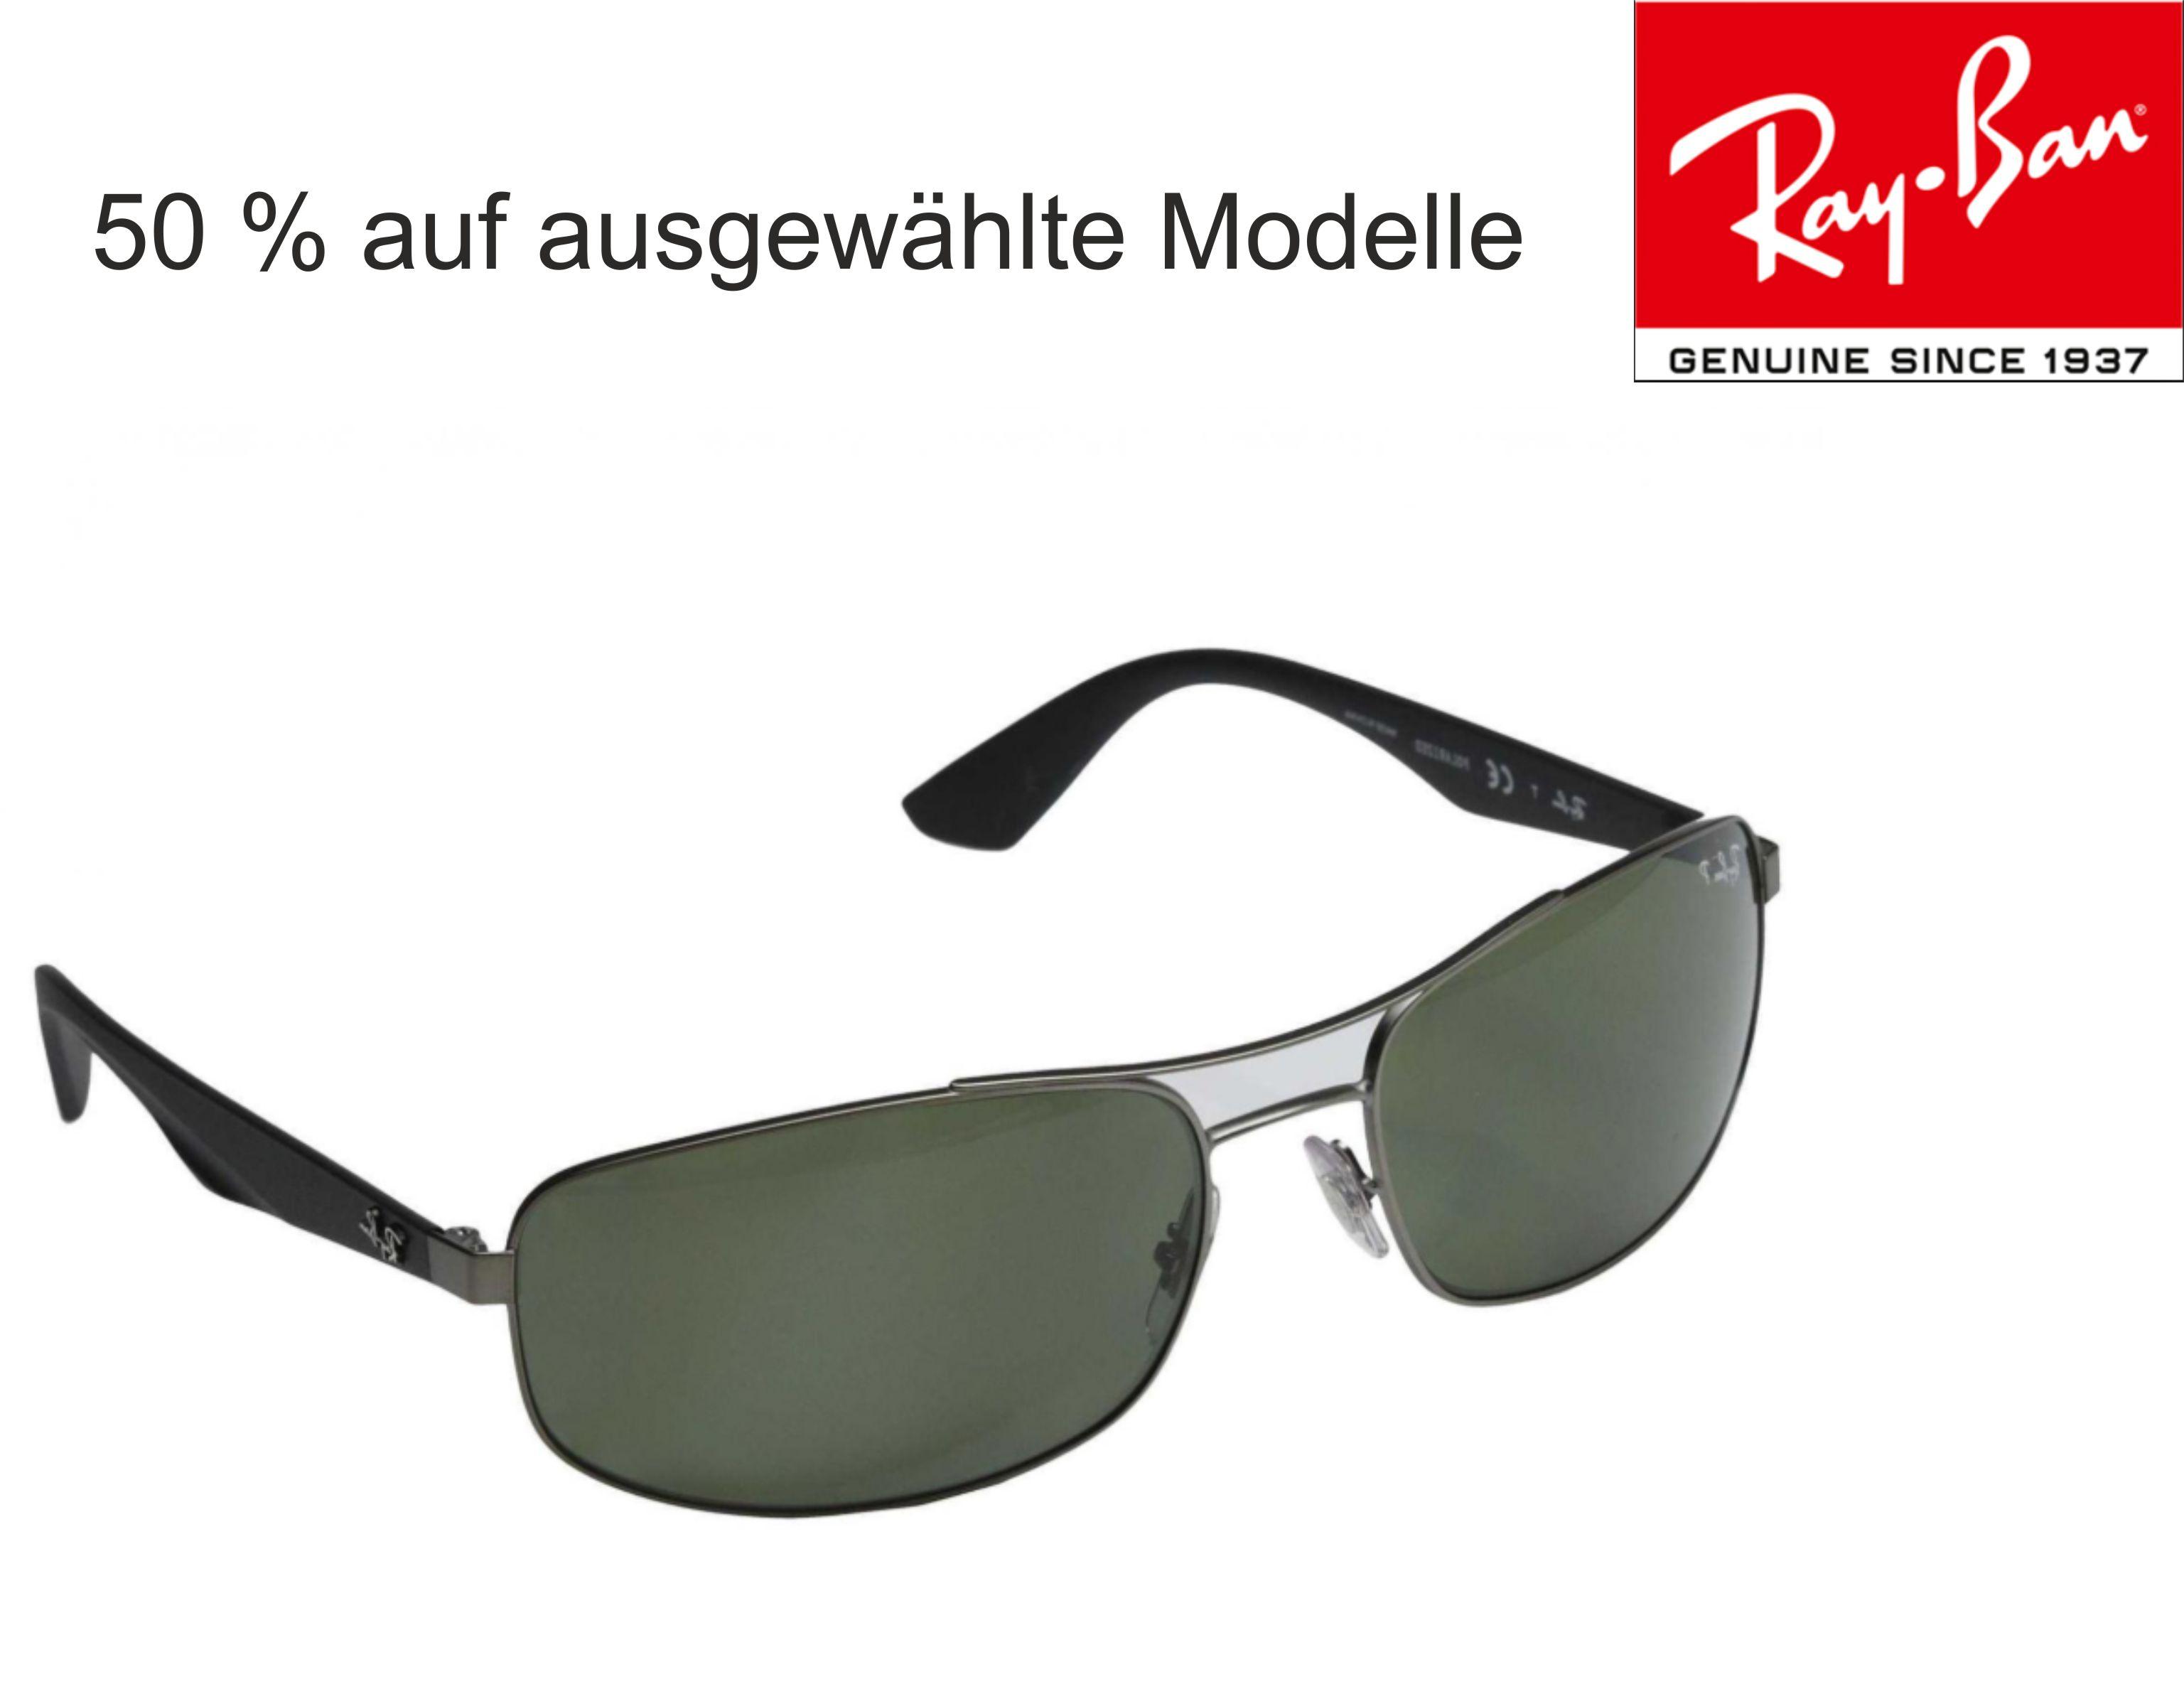 Ray Ban / Rabatt  auf eine Auswahl an Sonnenbrillen / Versandkostenfrei